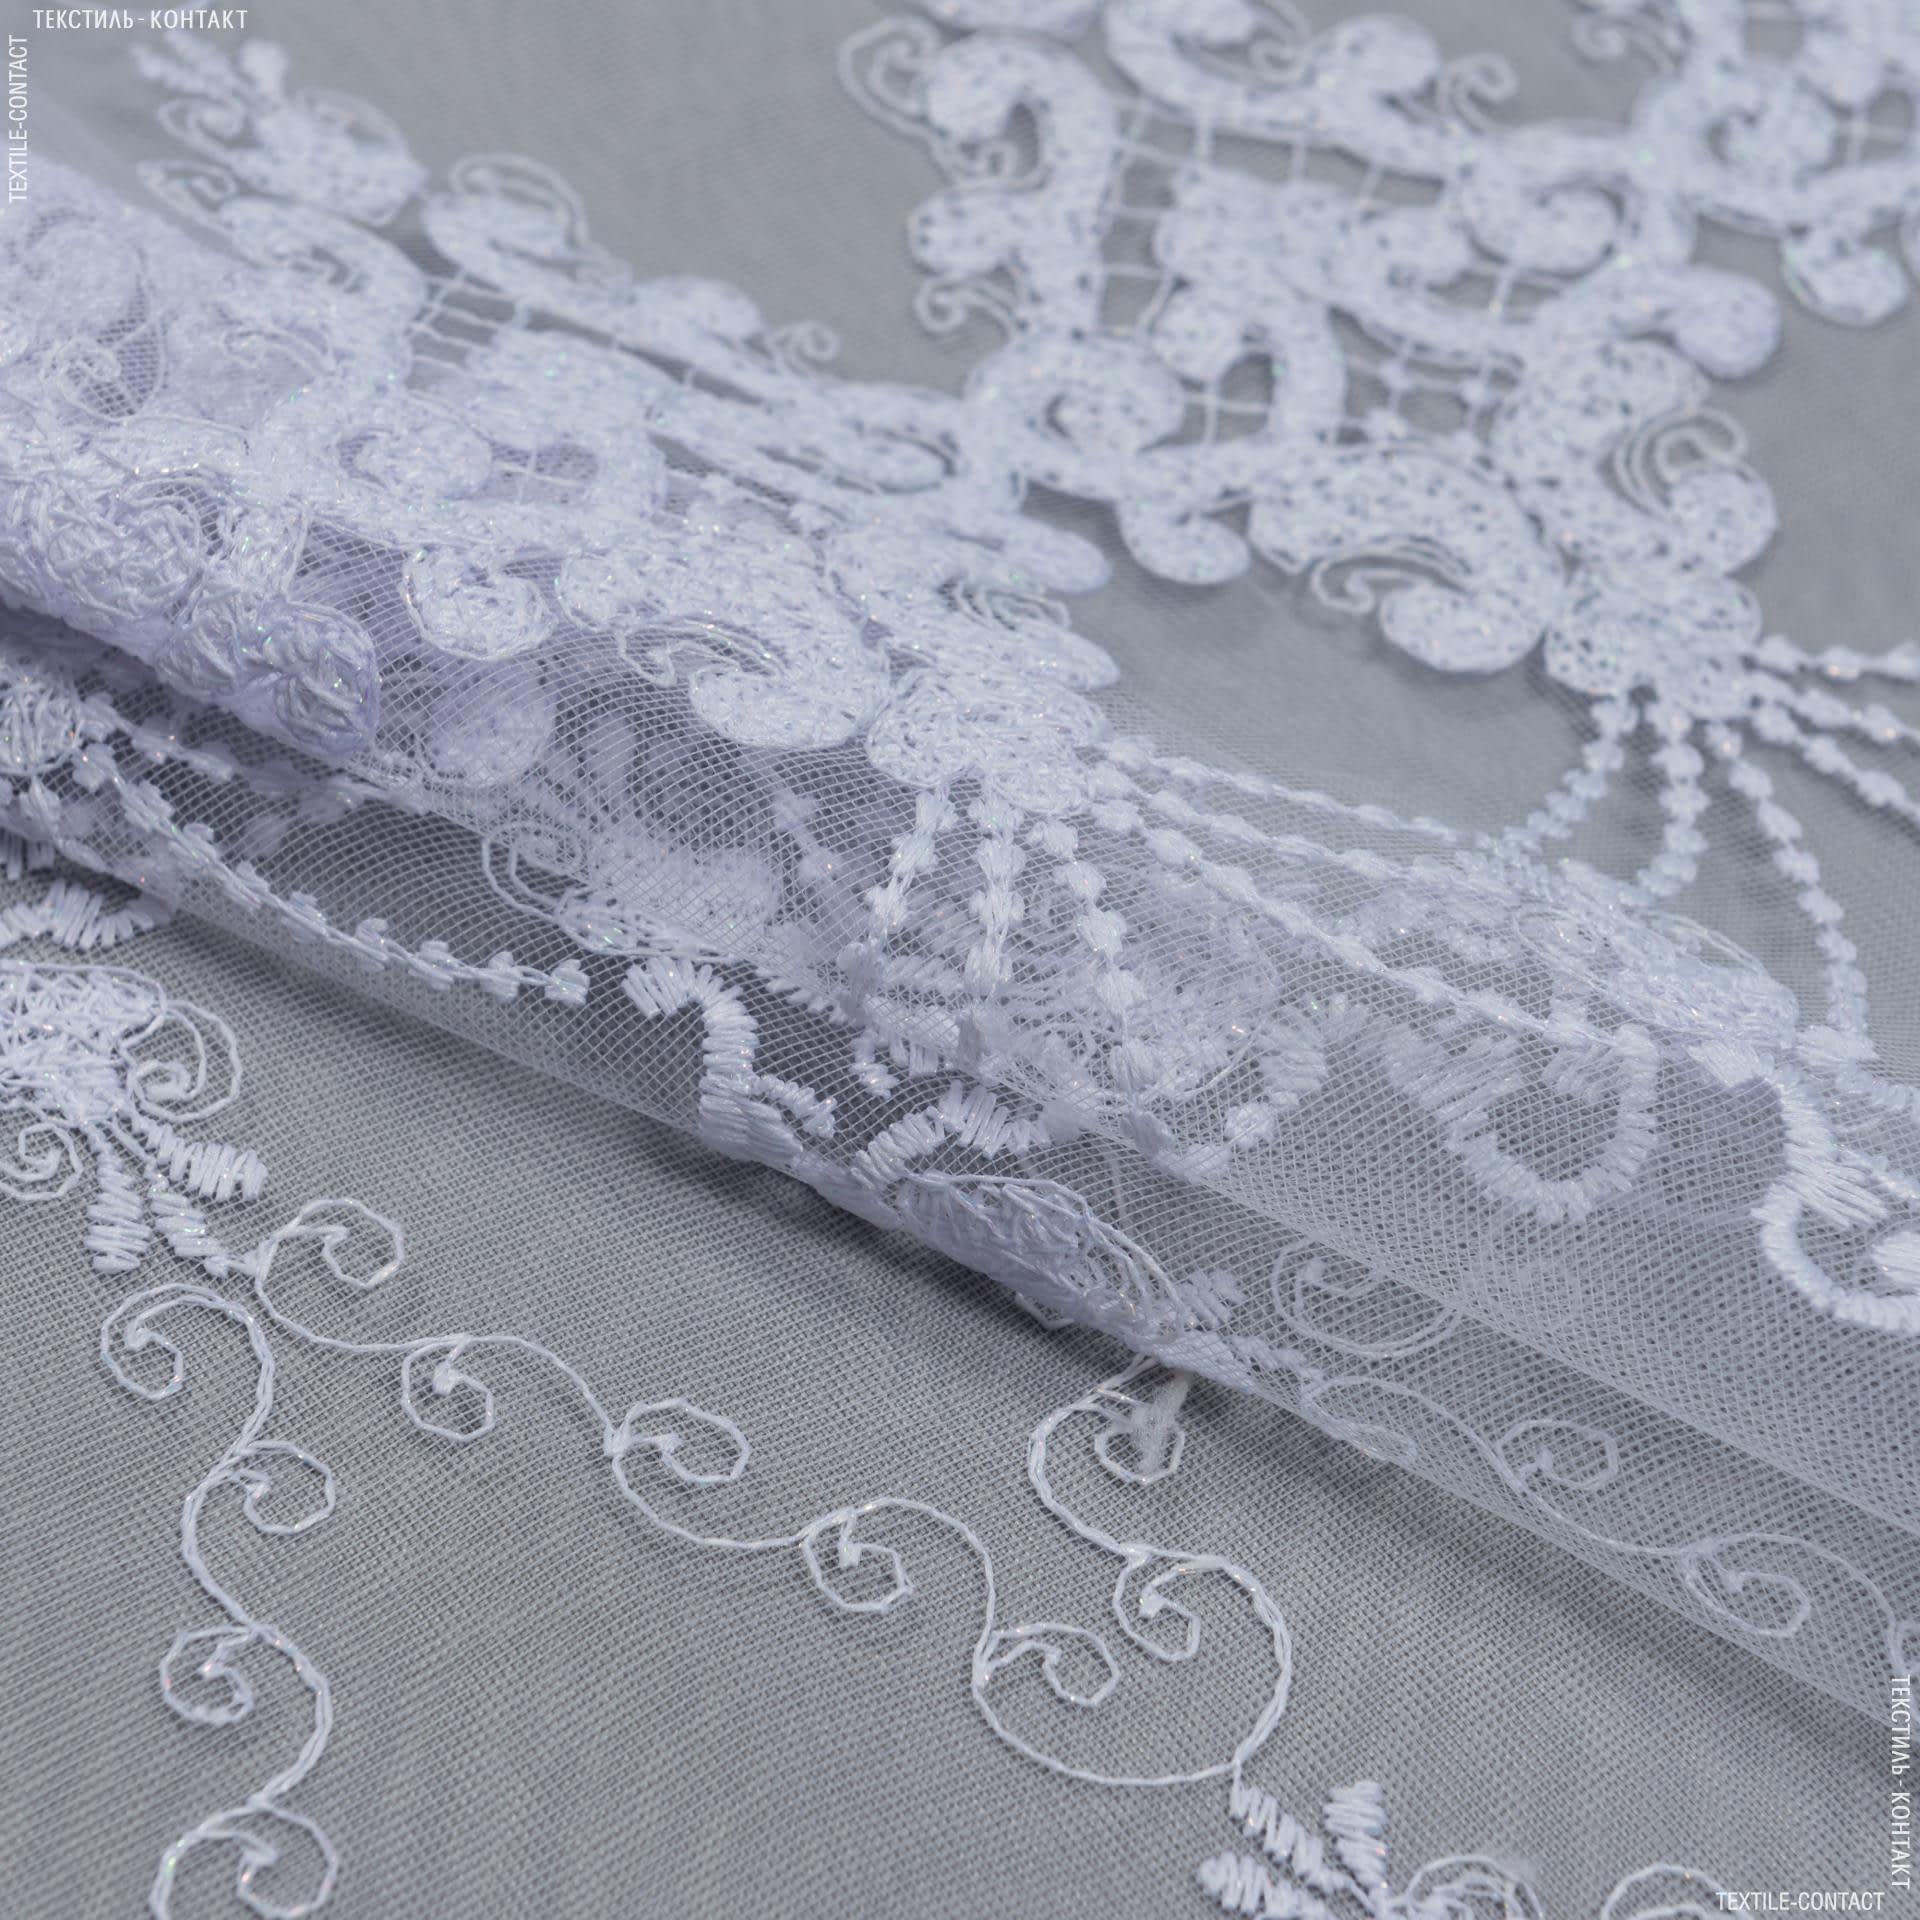 Ткани для тюли - Тюль вышивка   эвелина белый,блеск